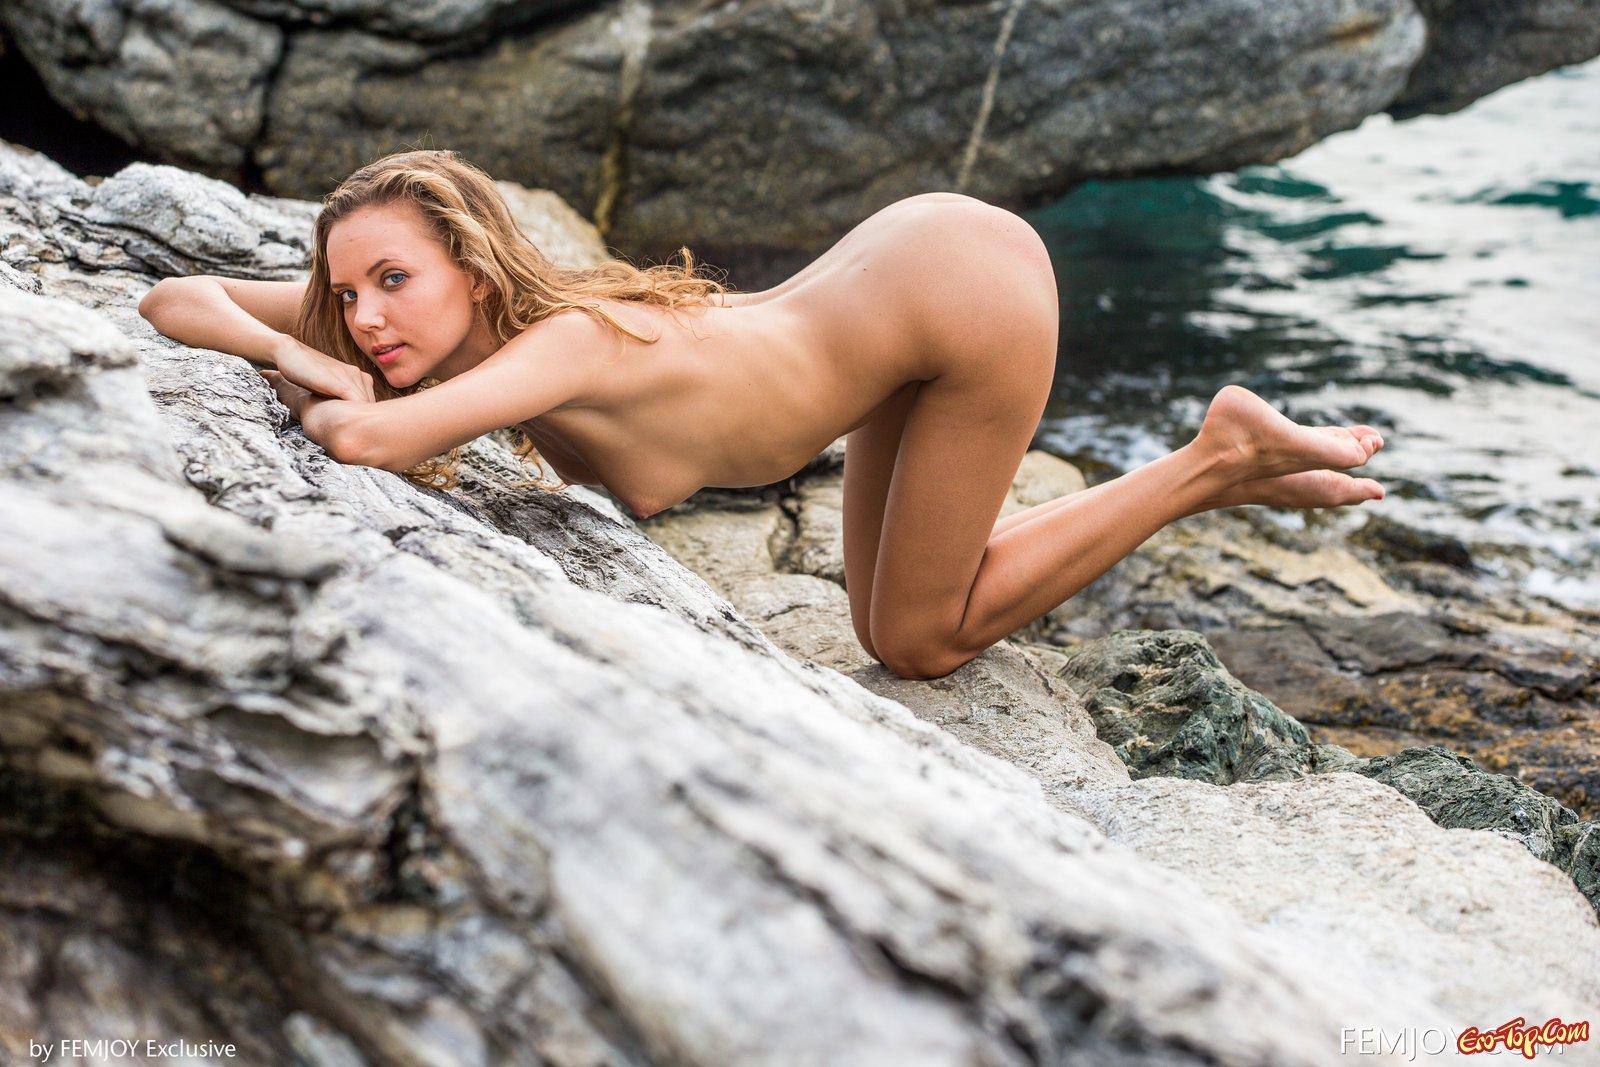 Сучка стягивает купальник на скале на песке